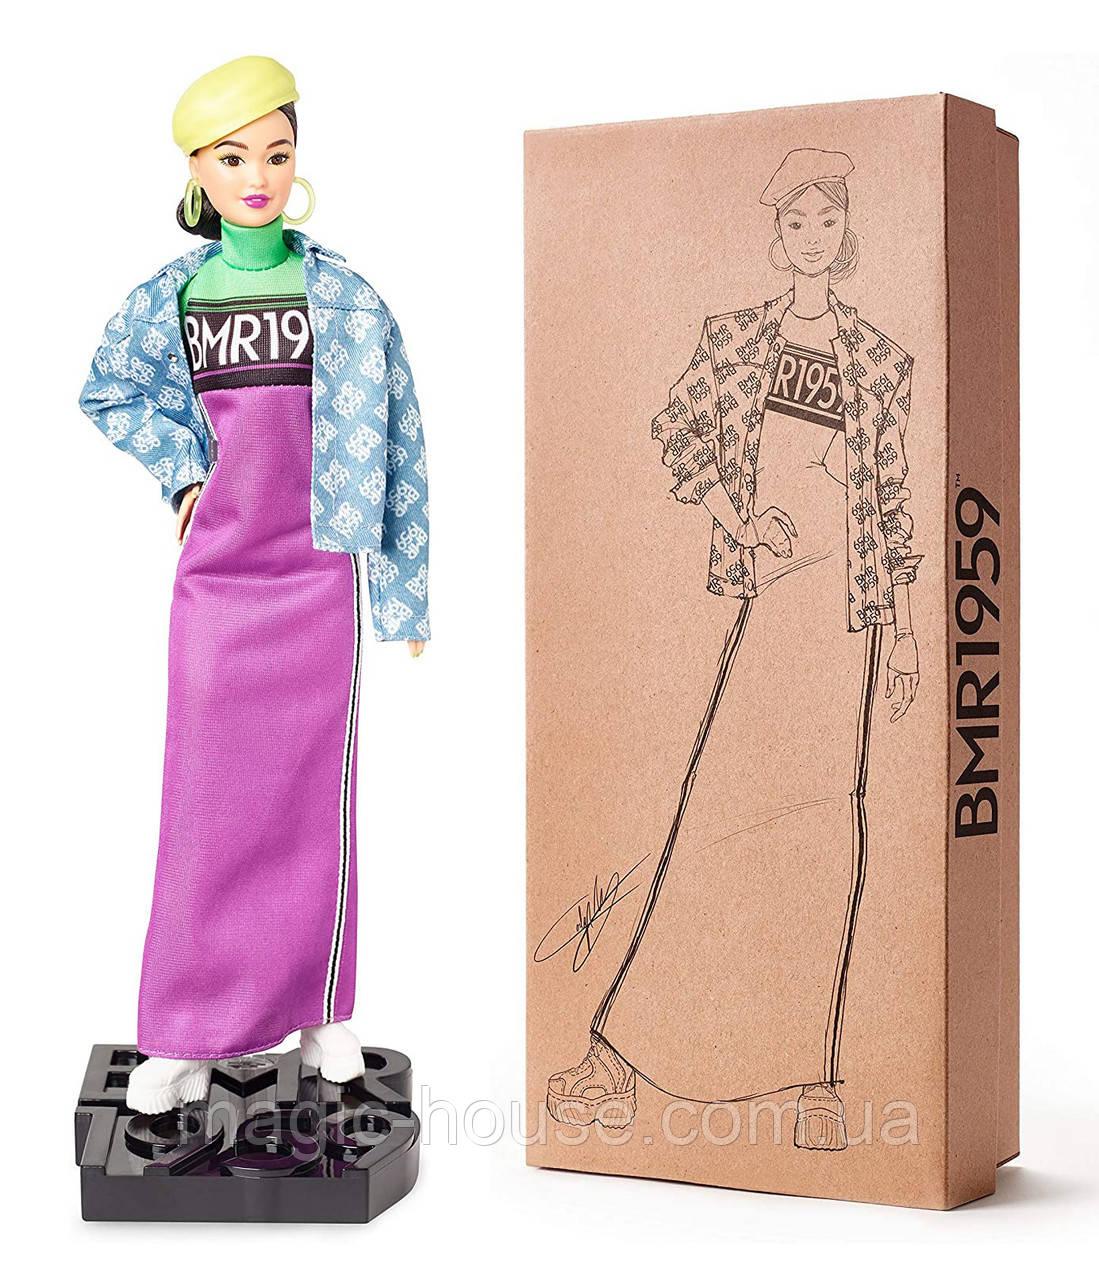 Кукла Barbie коллекционная брюнетка BMR1959 Neon Dress Denim Jacket оригинал от Mattel